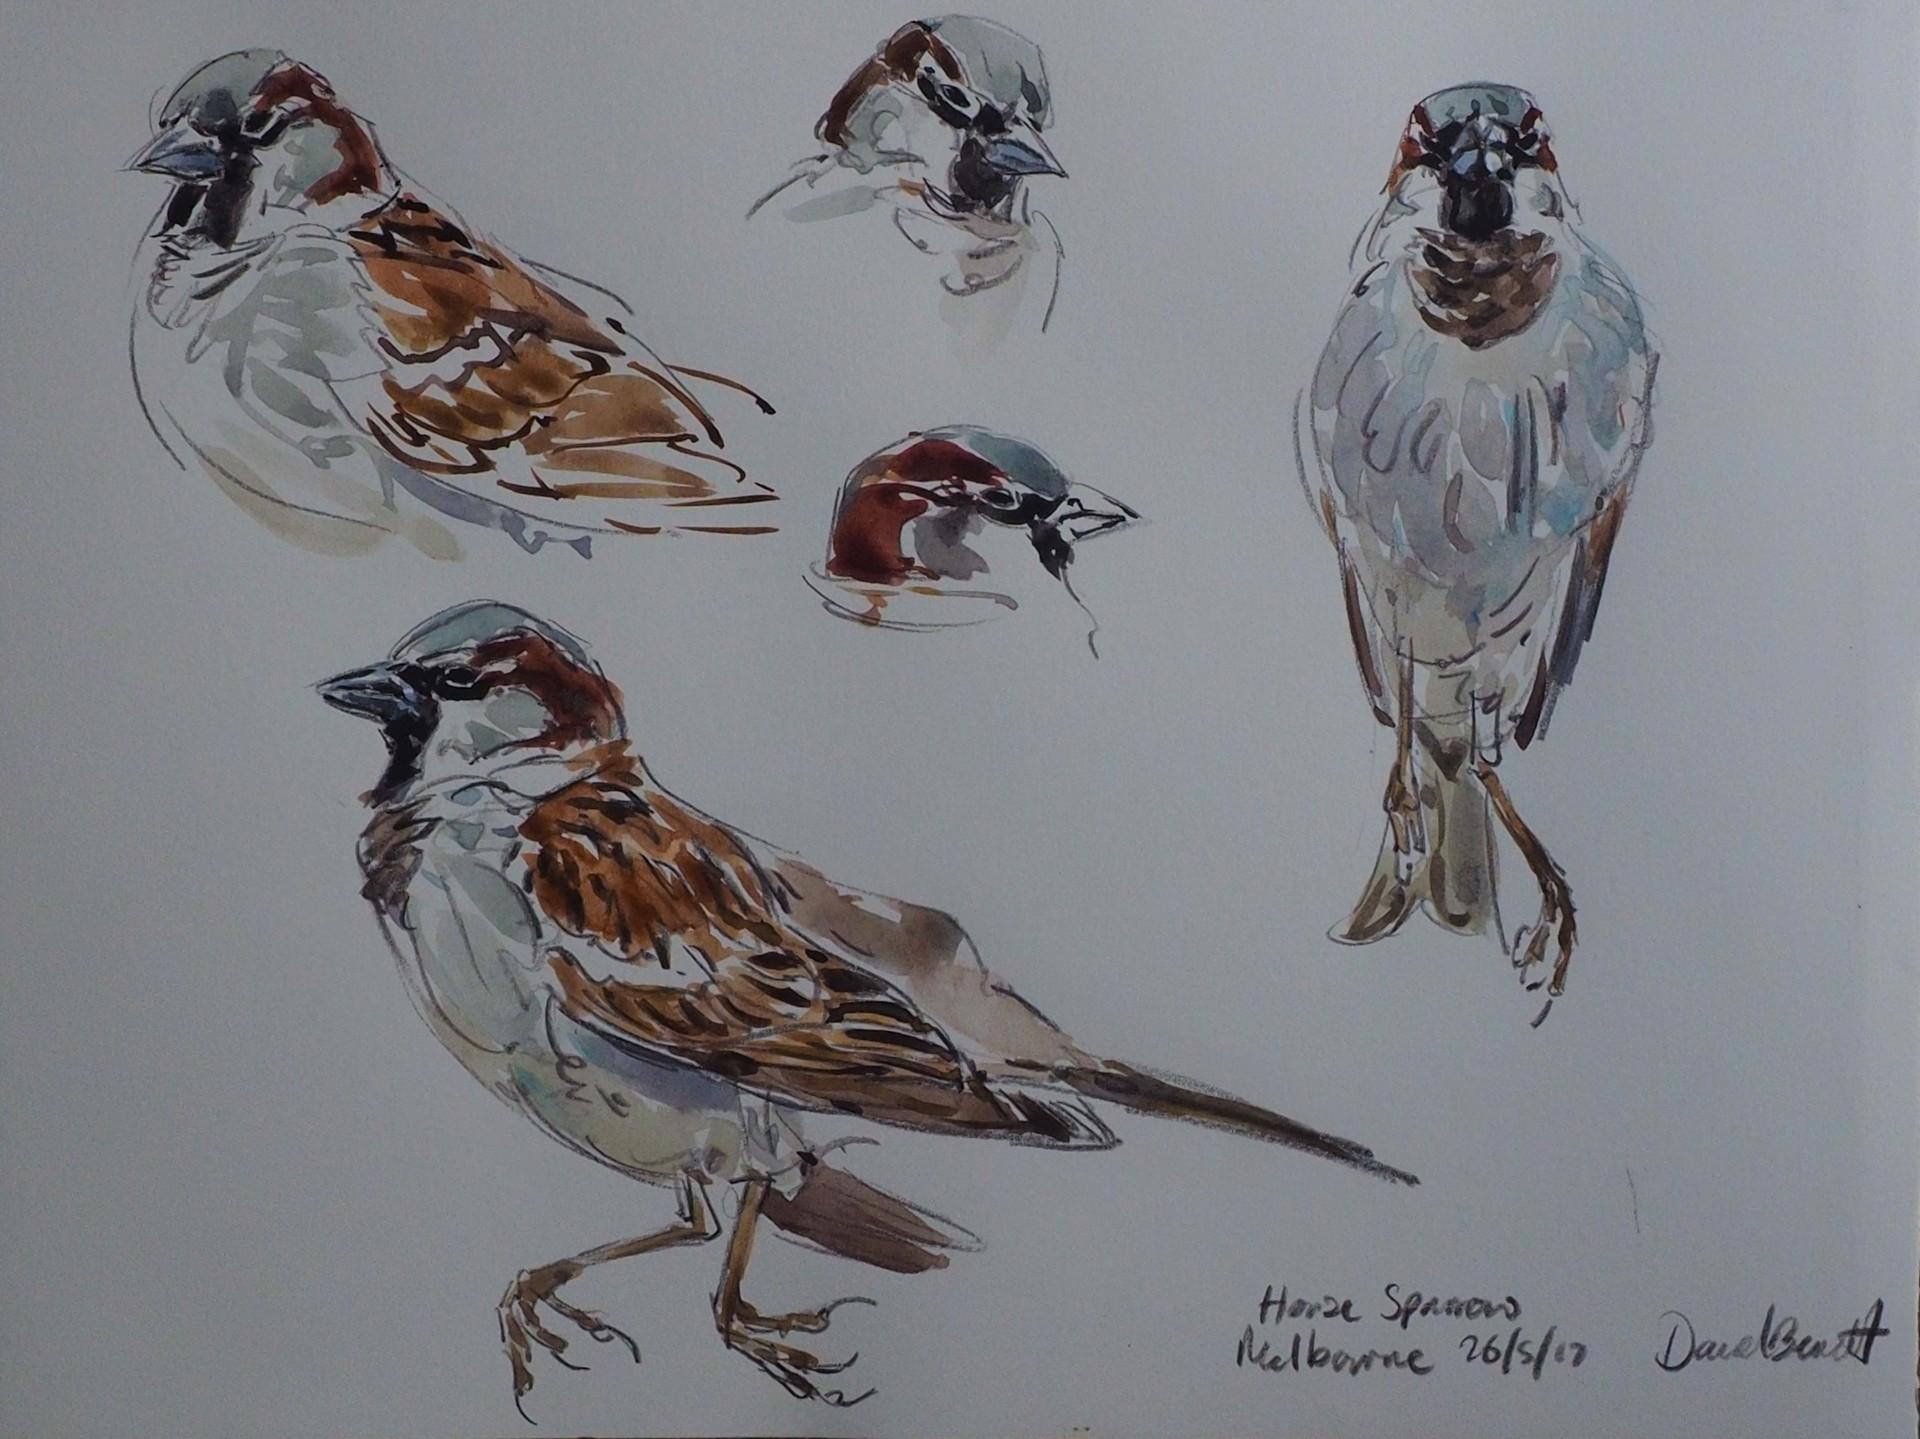 House Sparrow Study